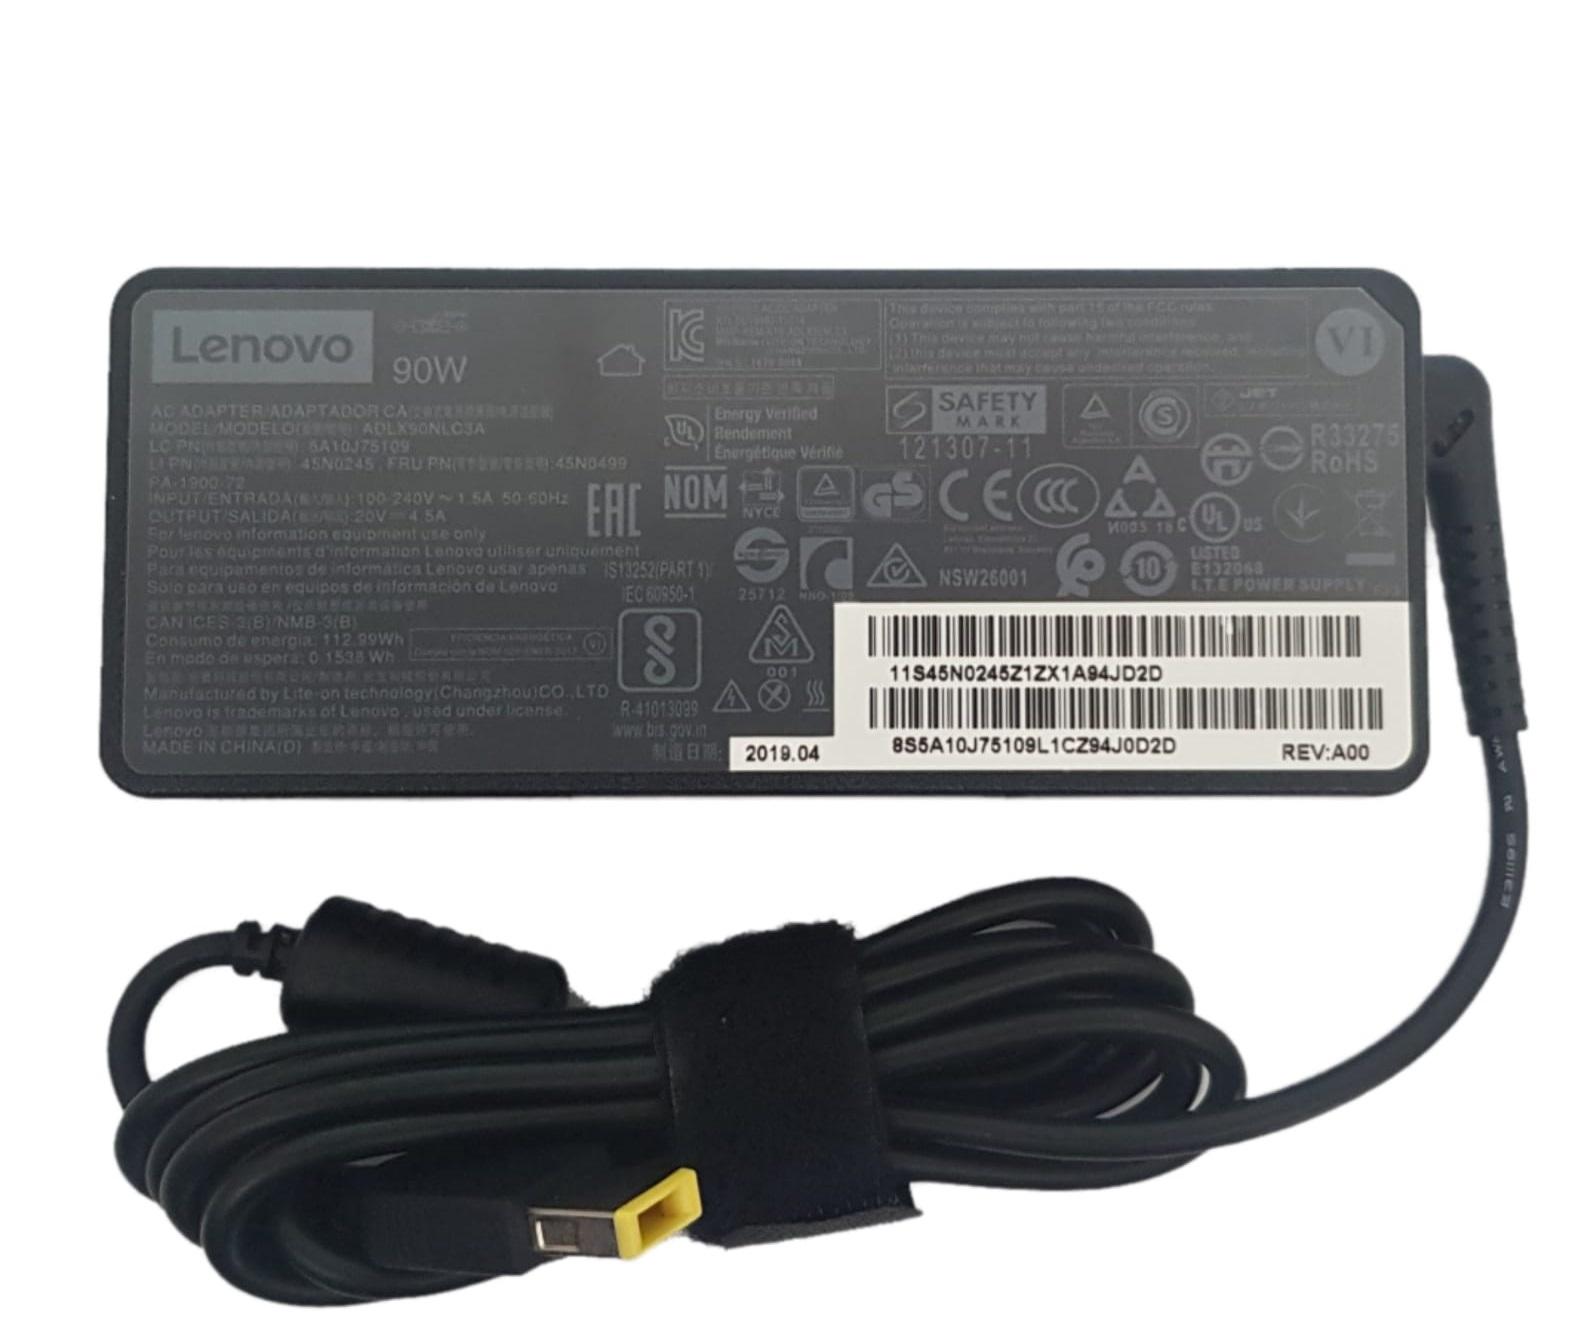 מטען למחשב לנובו Lenovo IdeaPad 720s-15ikb